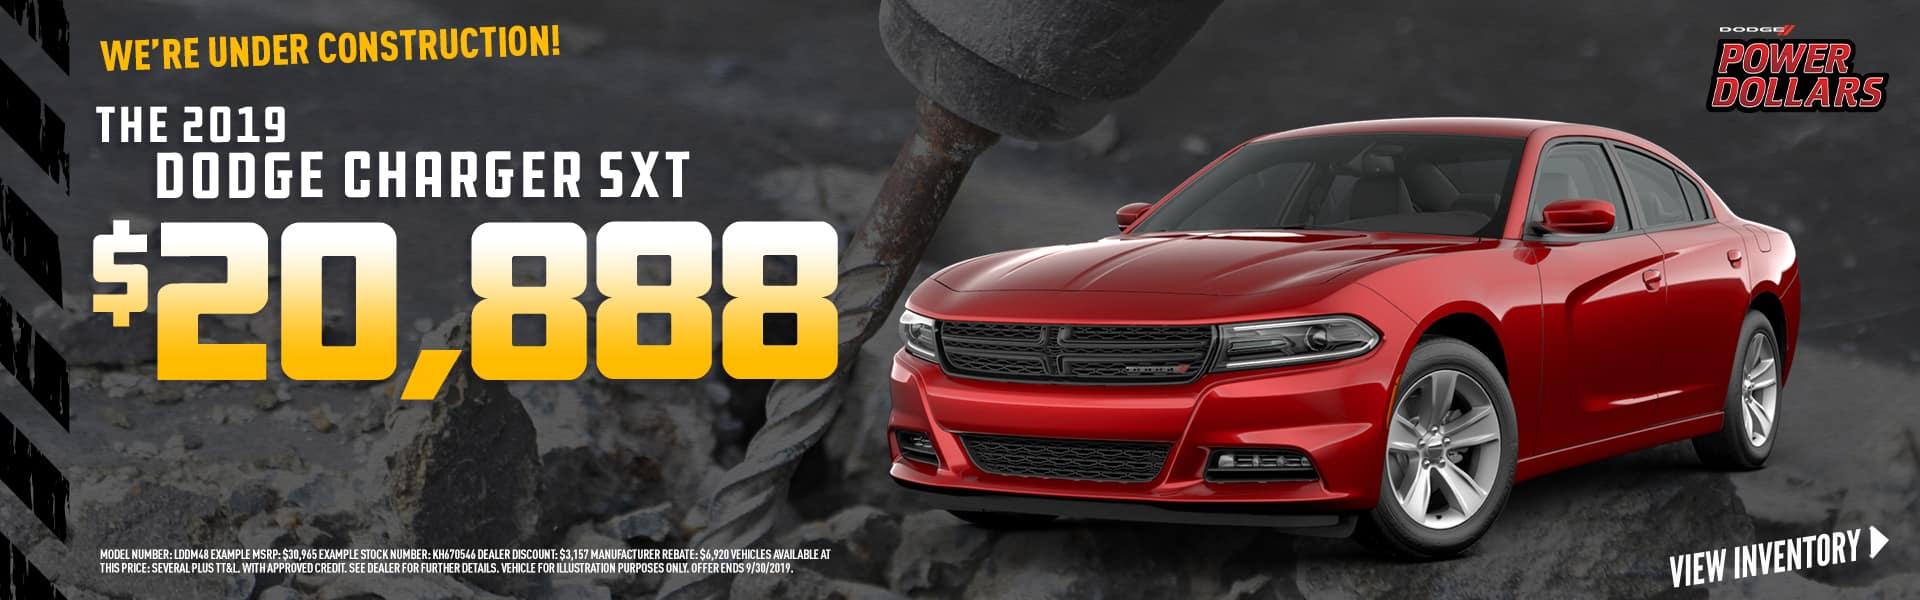 2019-Dodge-Charger-SXT